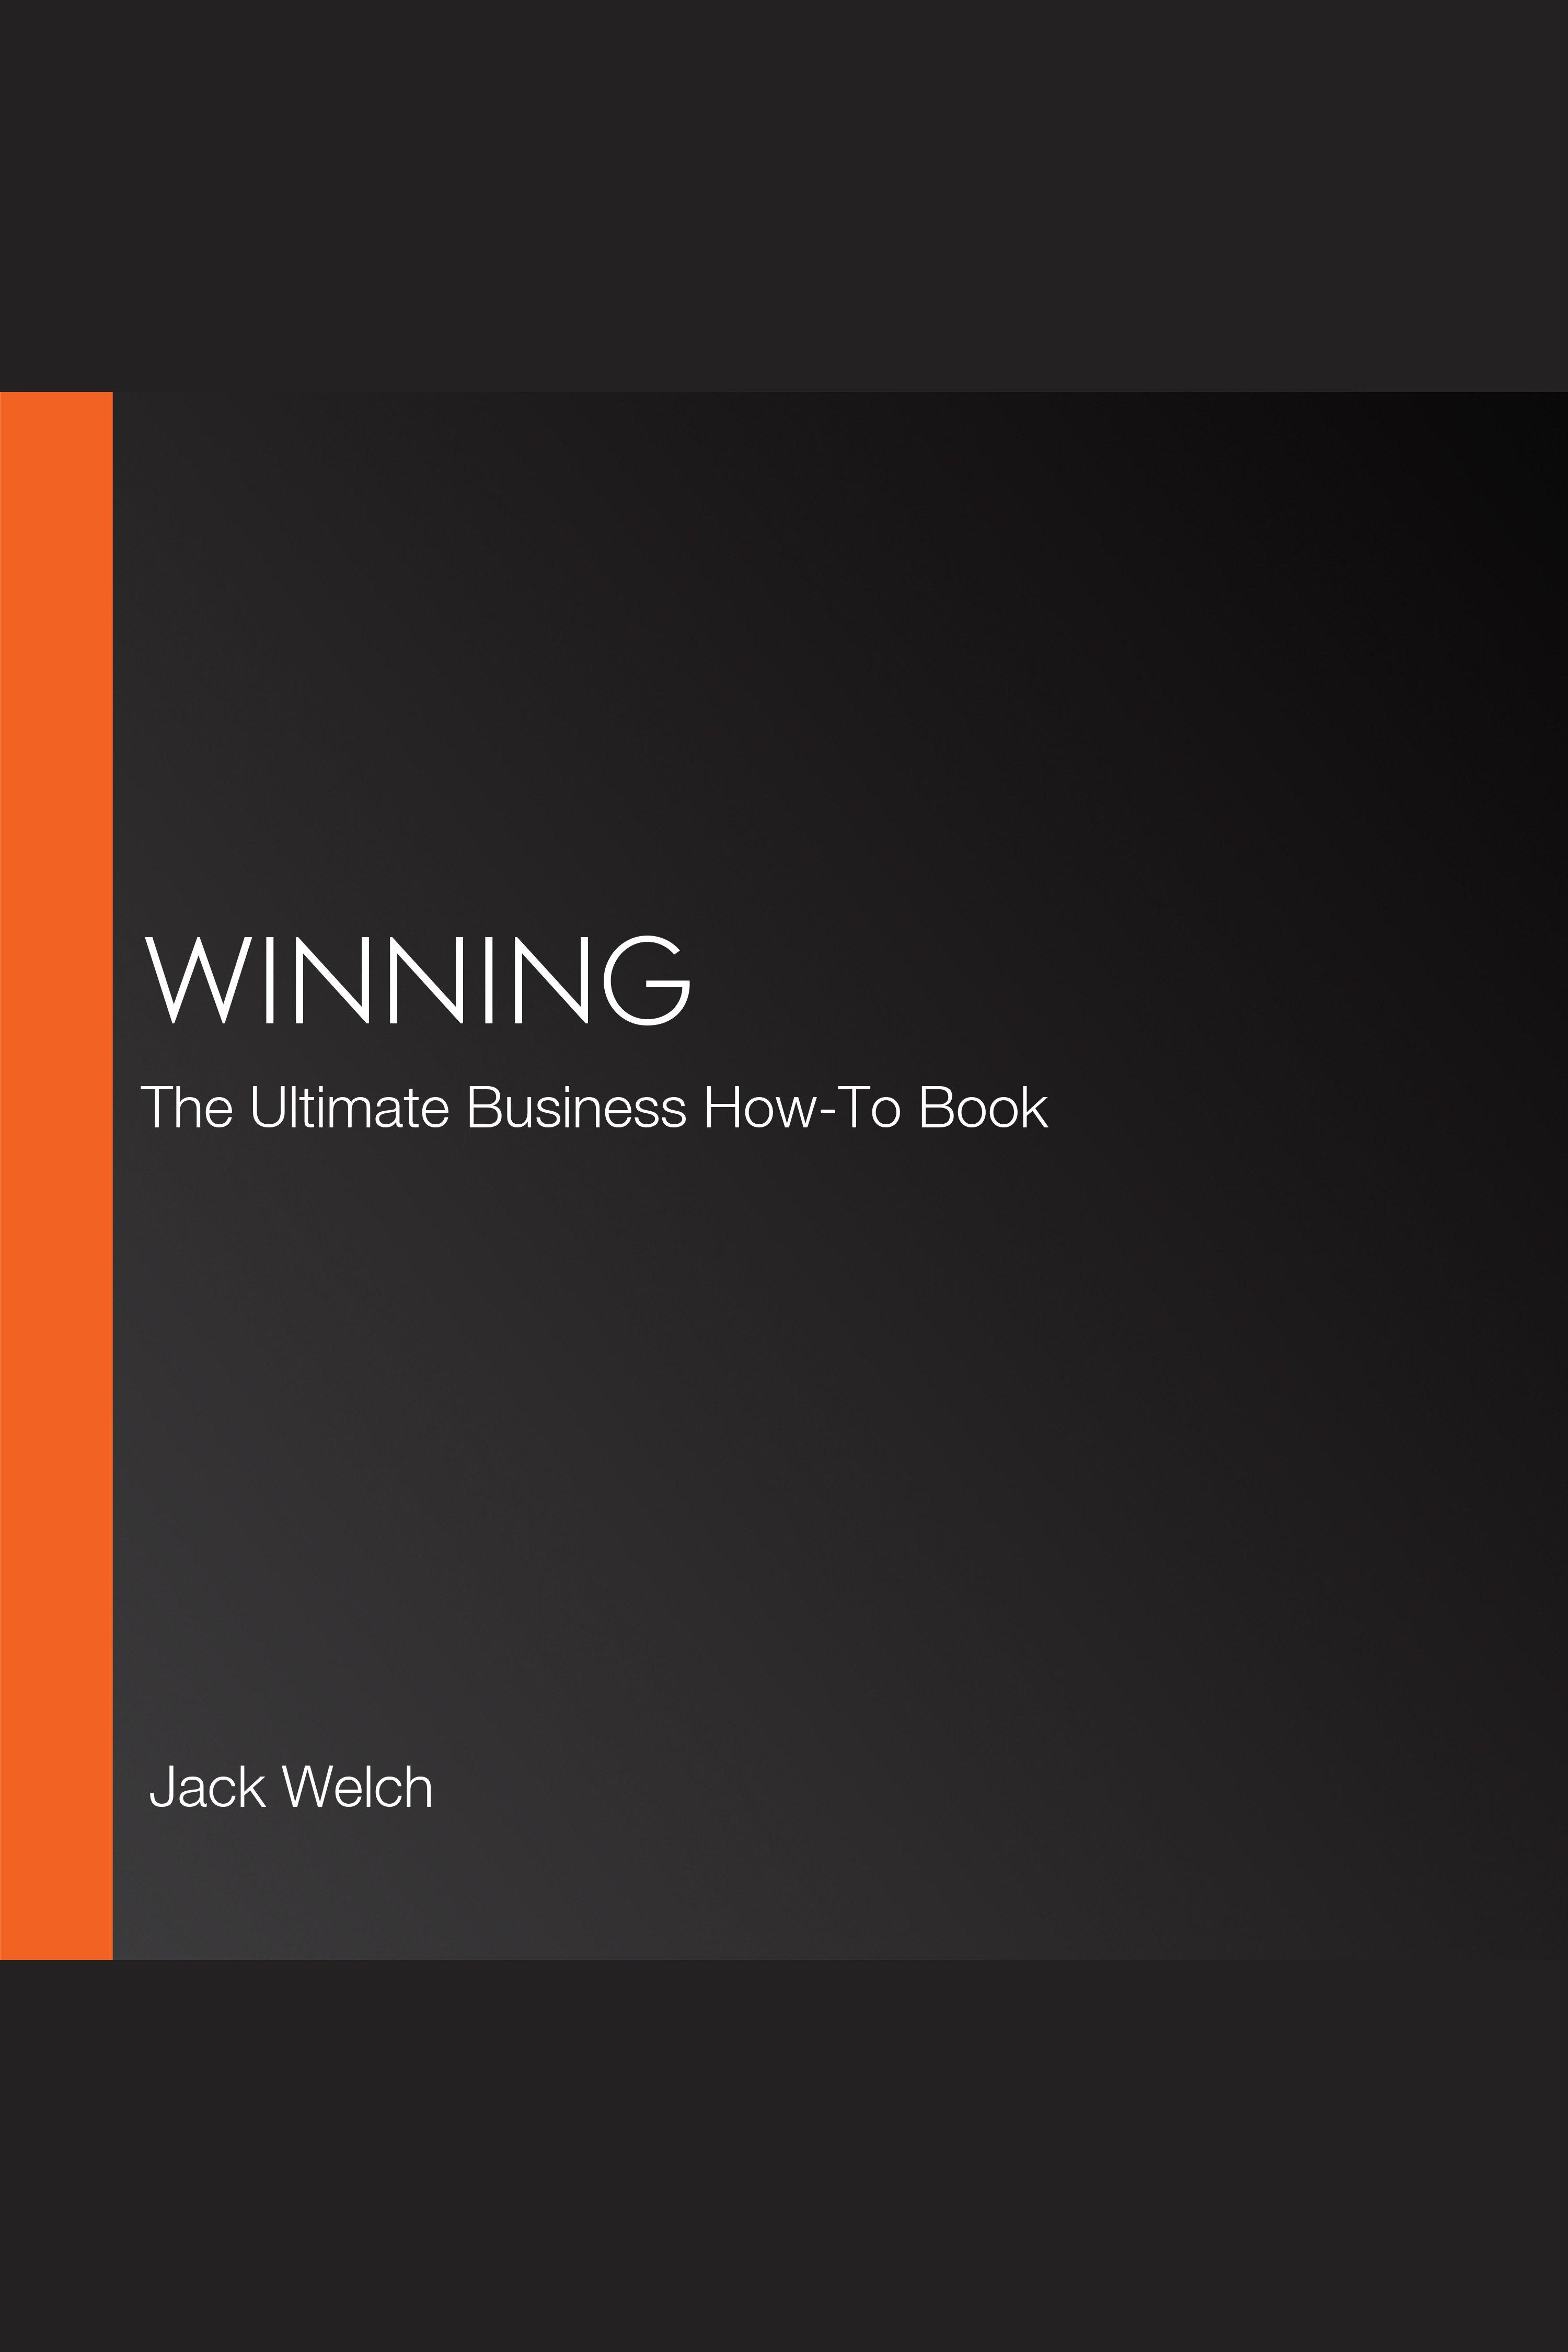 Esta es la portada del audiolibro Winning